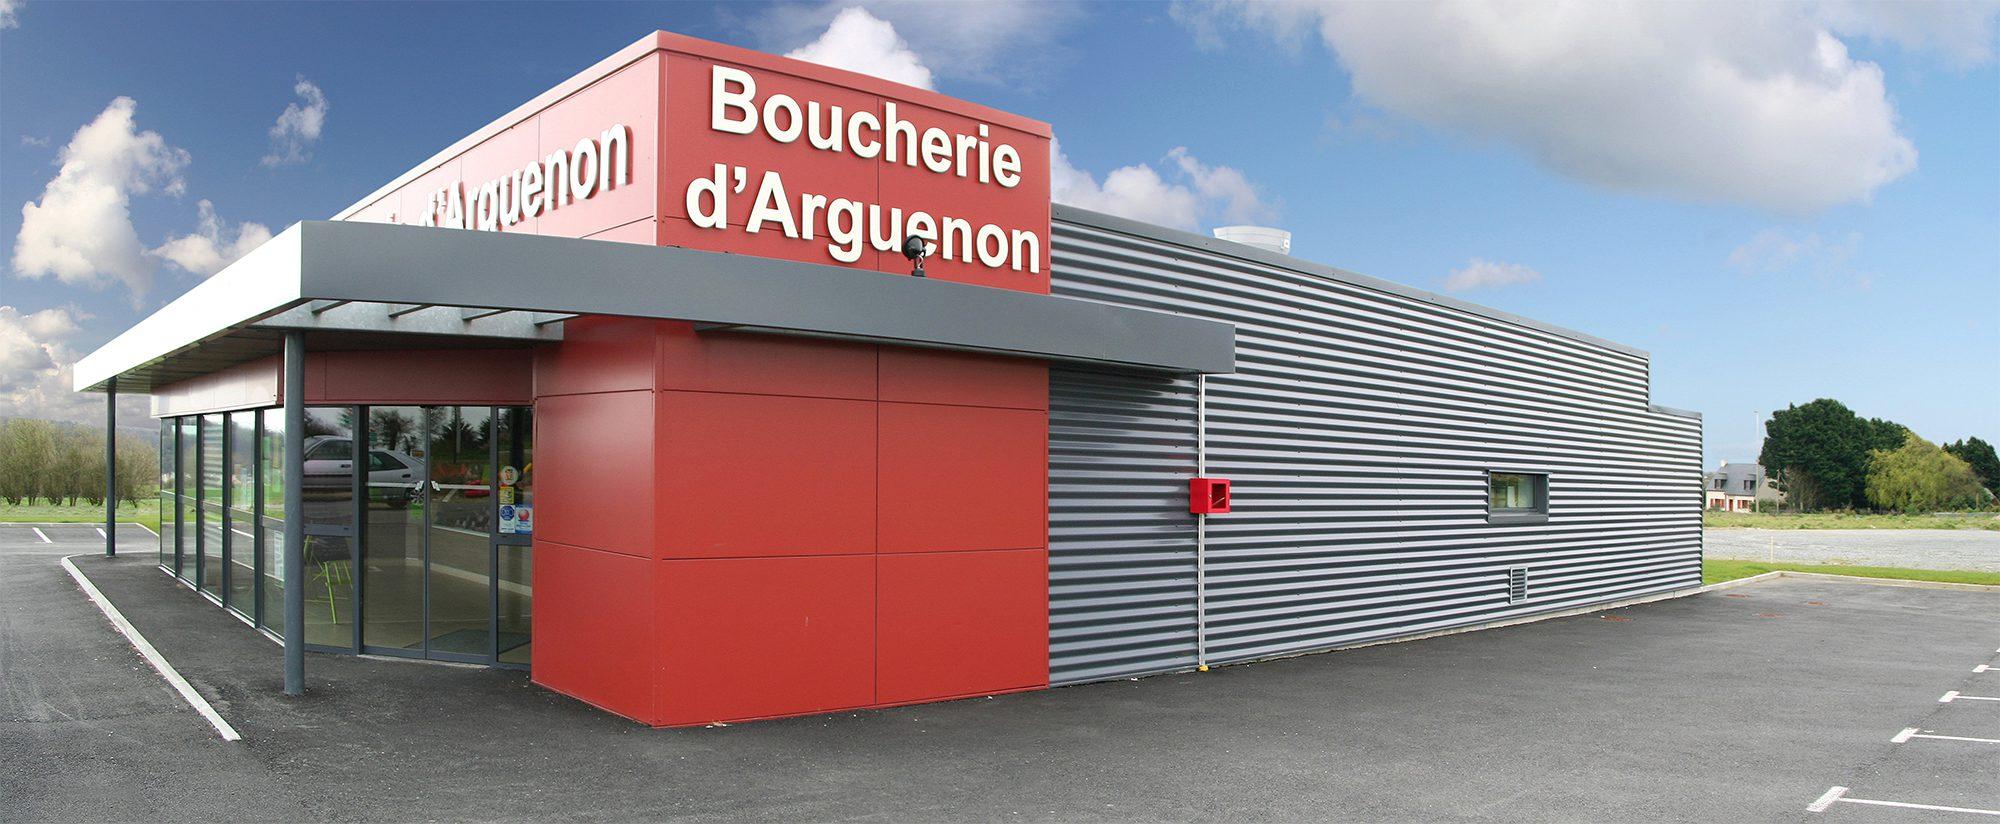 Archiplus - Boucherie l'Arguenon 1